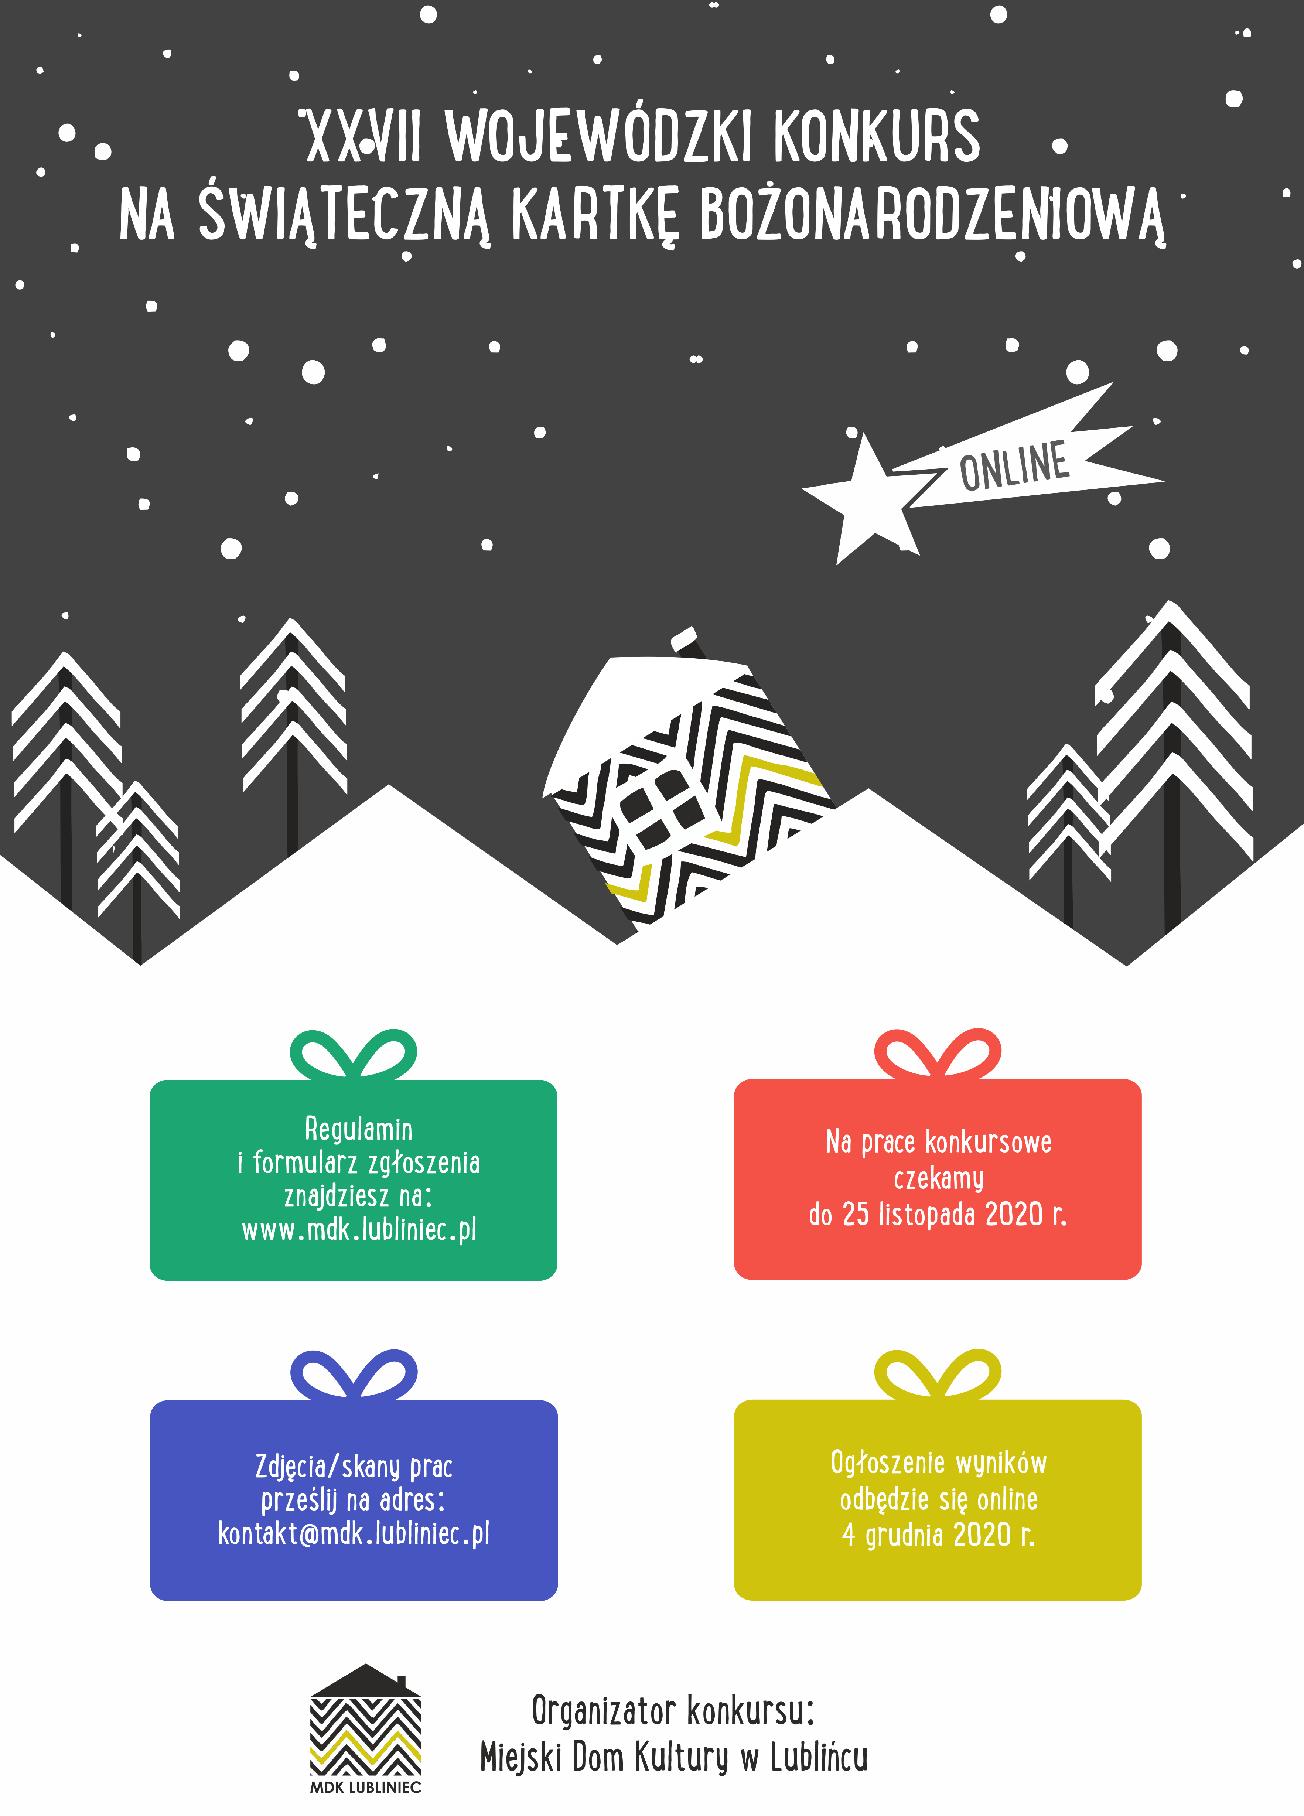 Plakat informujący o 27. konkursie plastycznym na kartkę bożonarodzeniową organizowany przez MDK Lubliniec